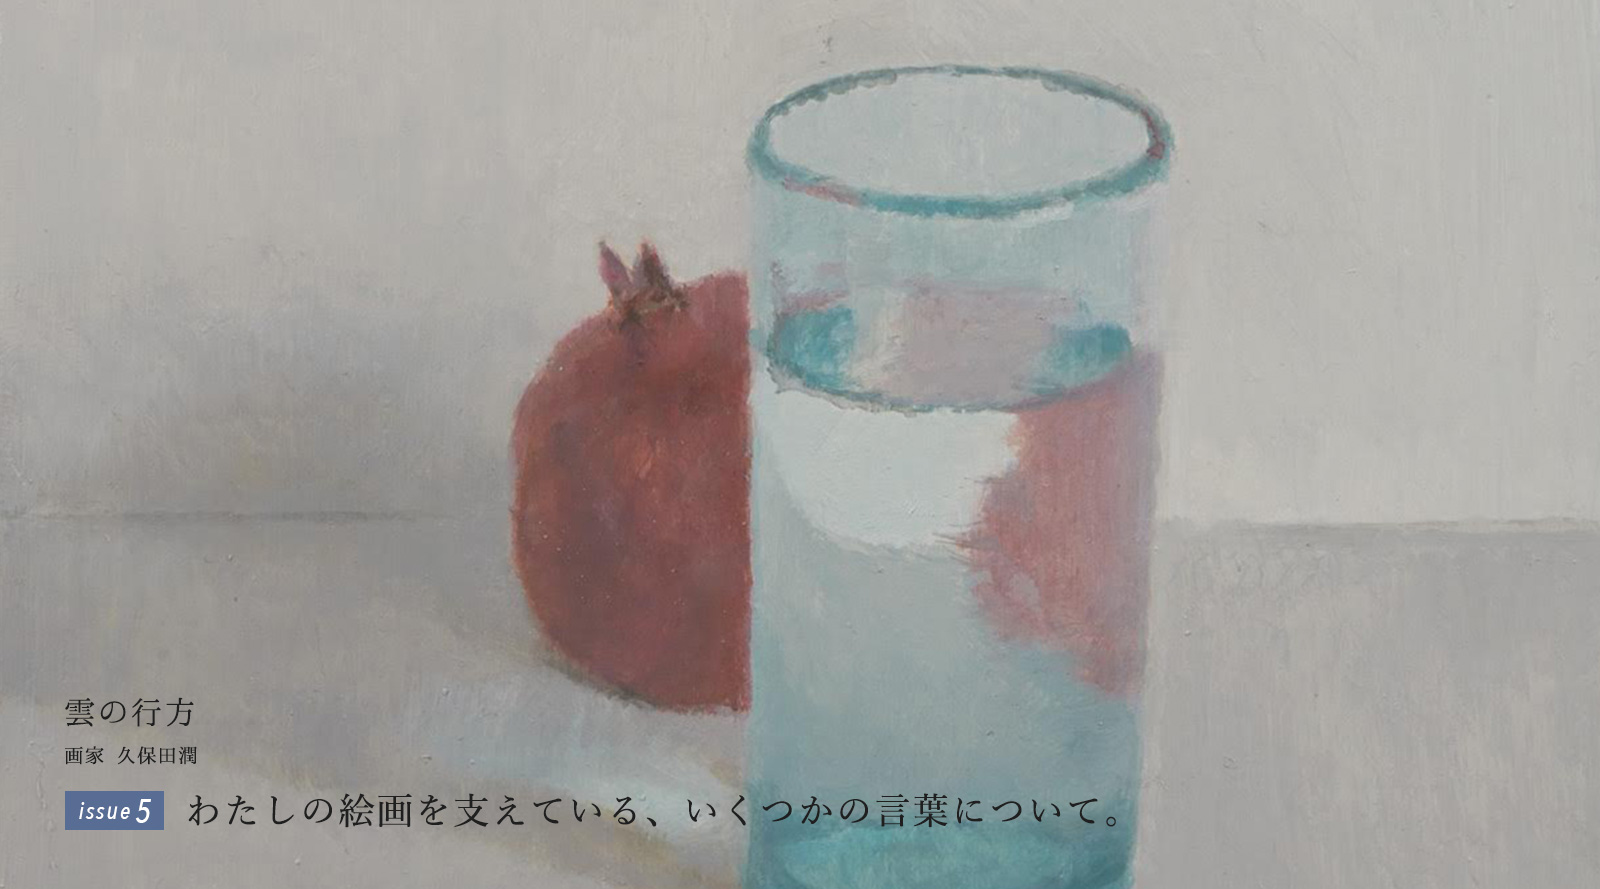 わたしの絵画を支えている、いくつかの言葉について。